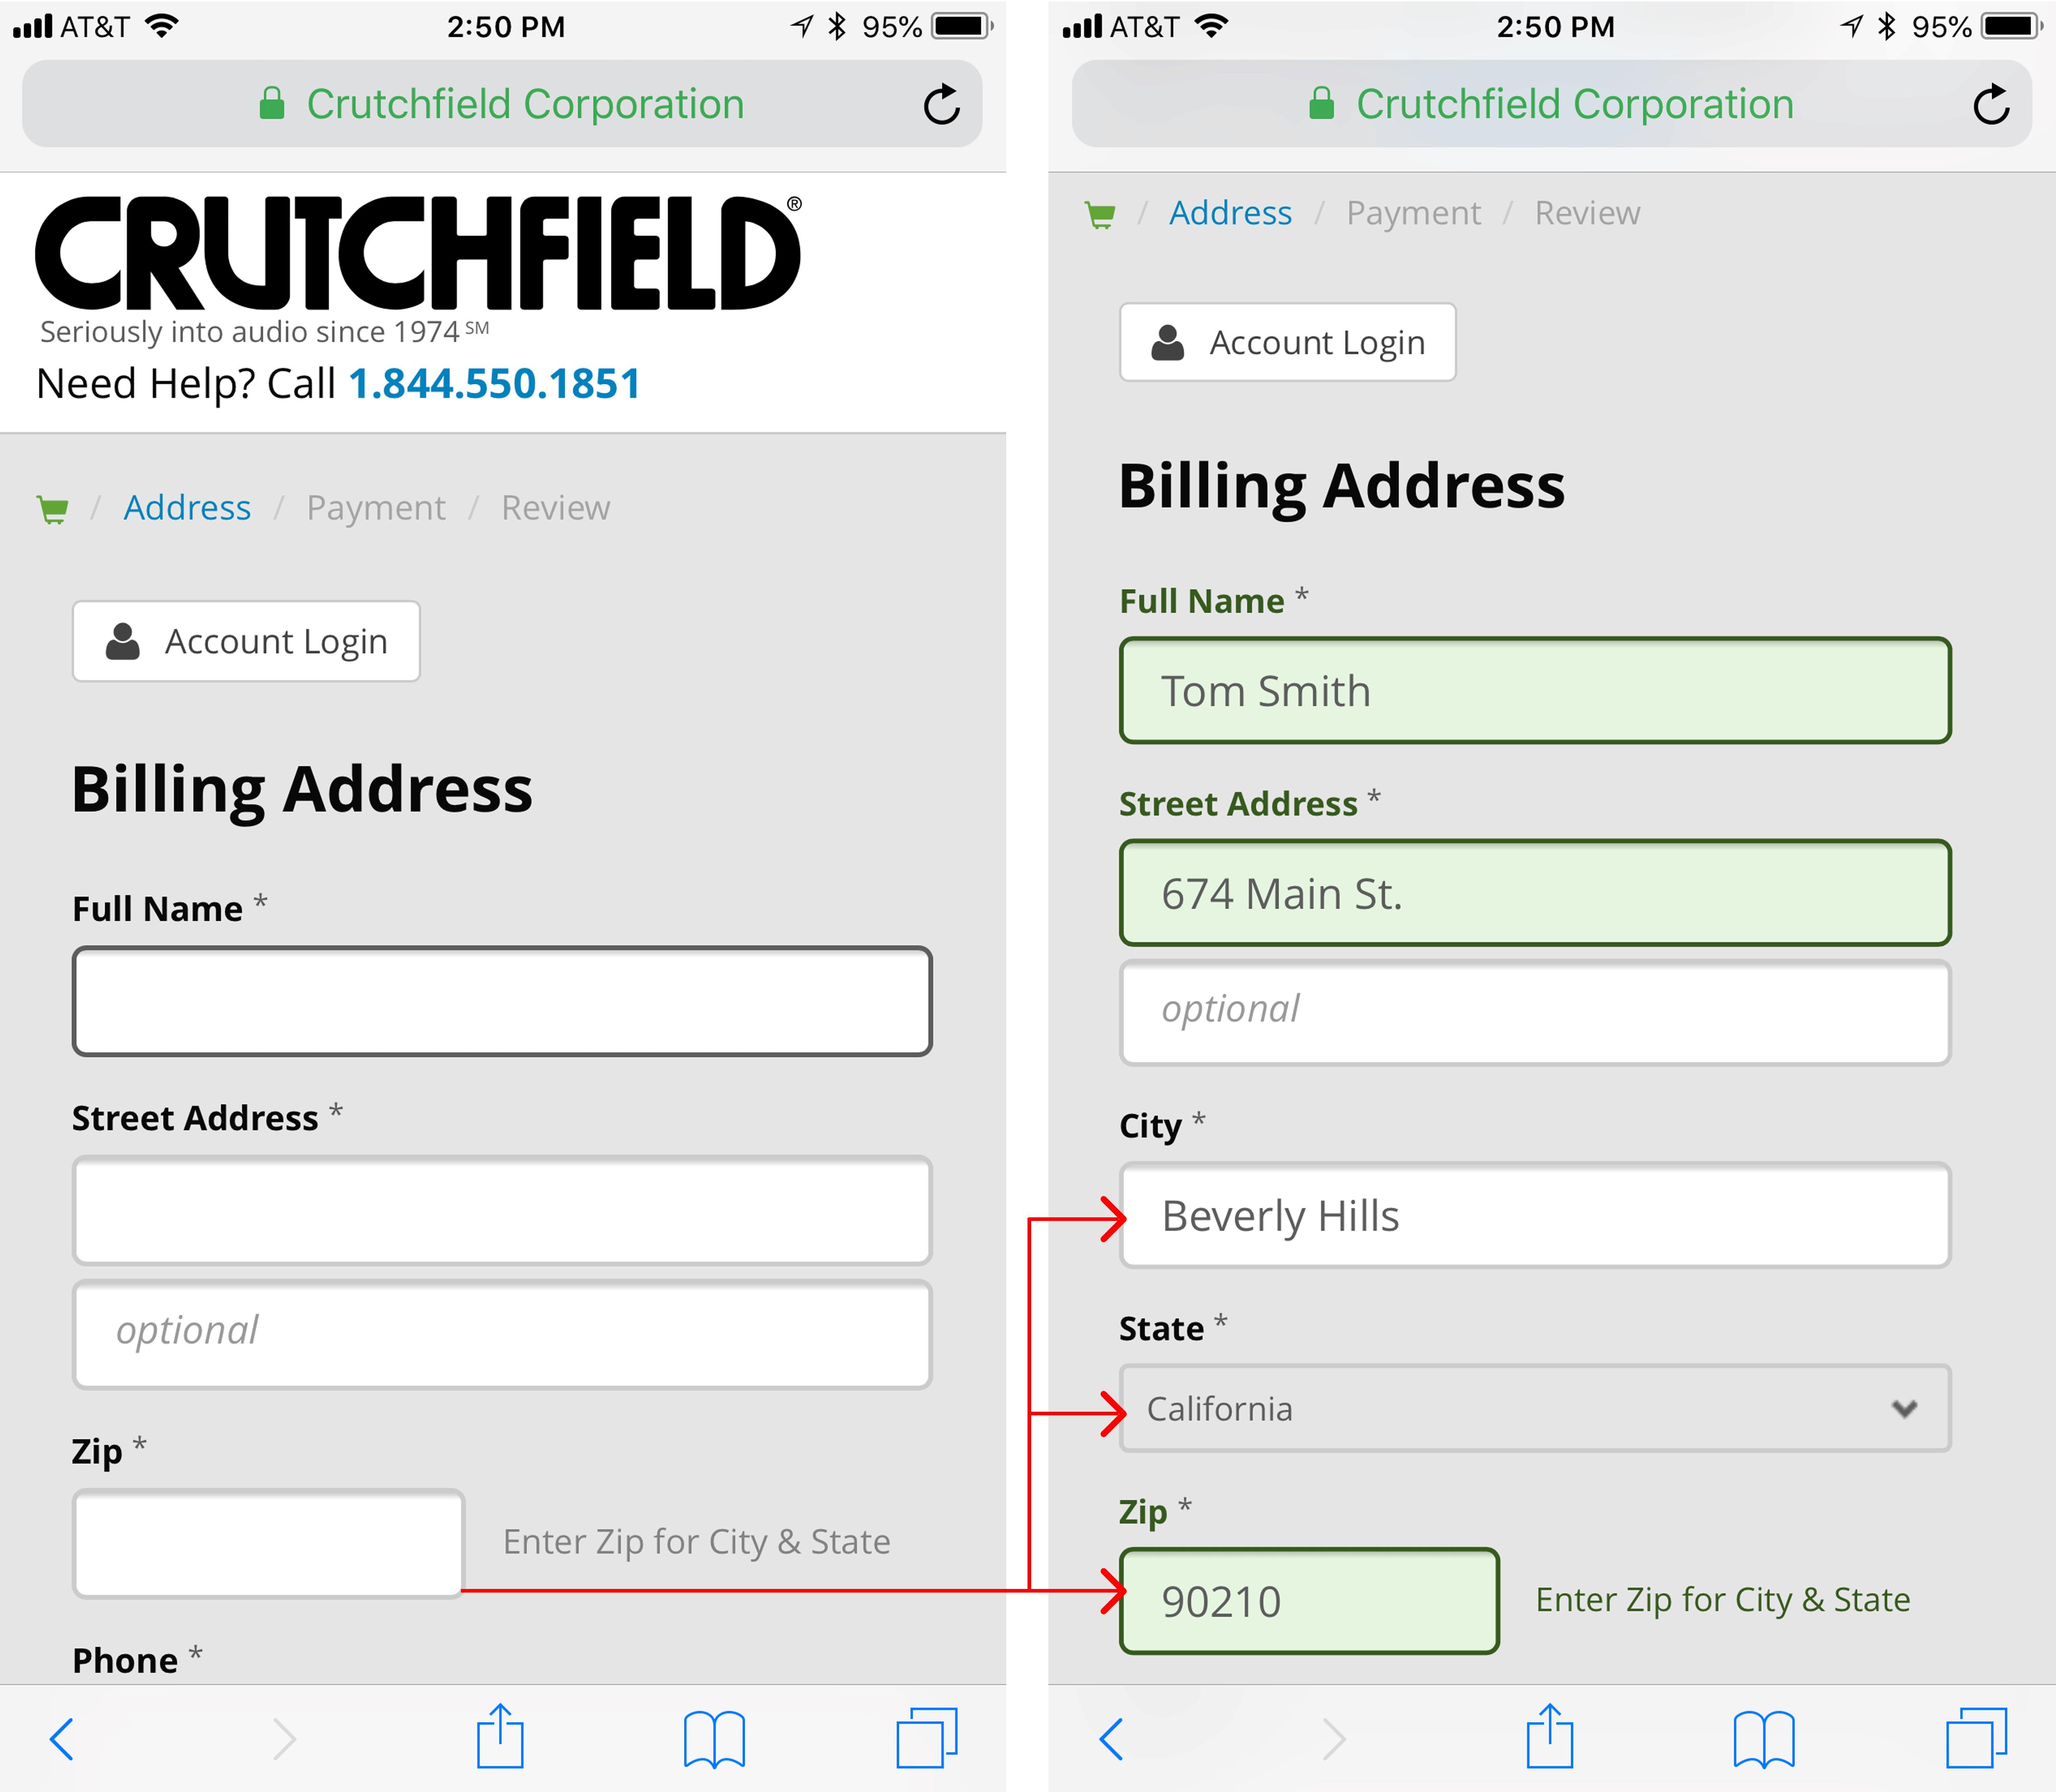 Crutchfield позволил пользователям легко вводить свой адрес. Сайт попросил пользователей сначала ввести свой почтовый индекс (слева) и использовал эту информацию для заполнения города и штата в редактируемых полях формы (справа). Пользователи могут изменить эти поля в случае, если их название города отличается от того, что появилось в базе данных.